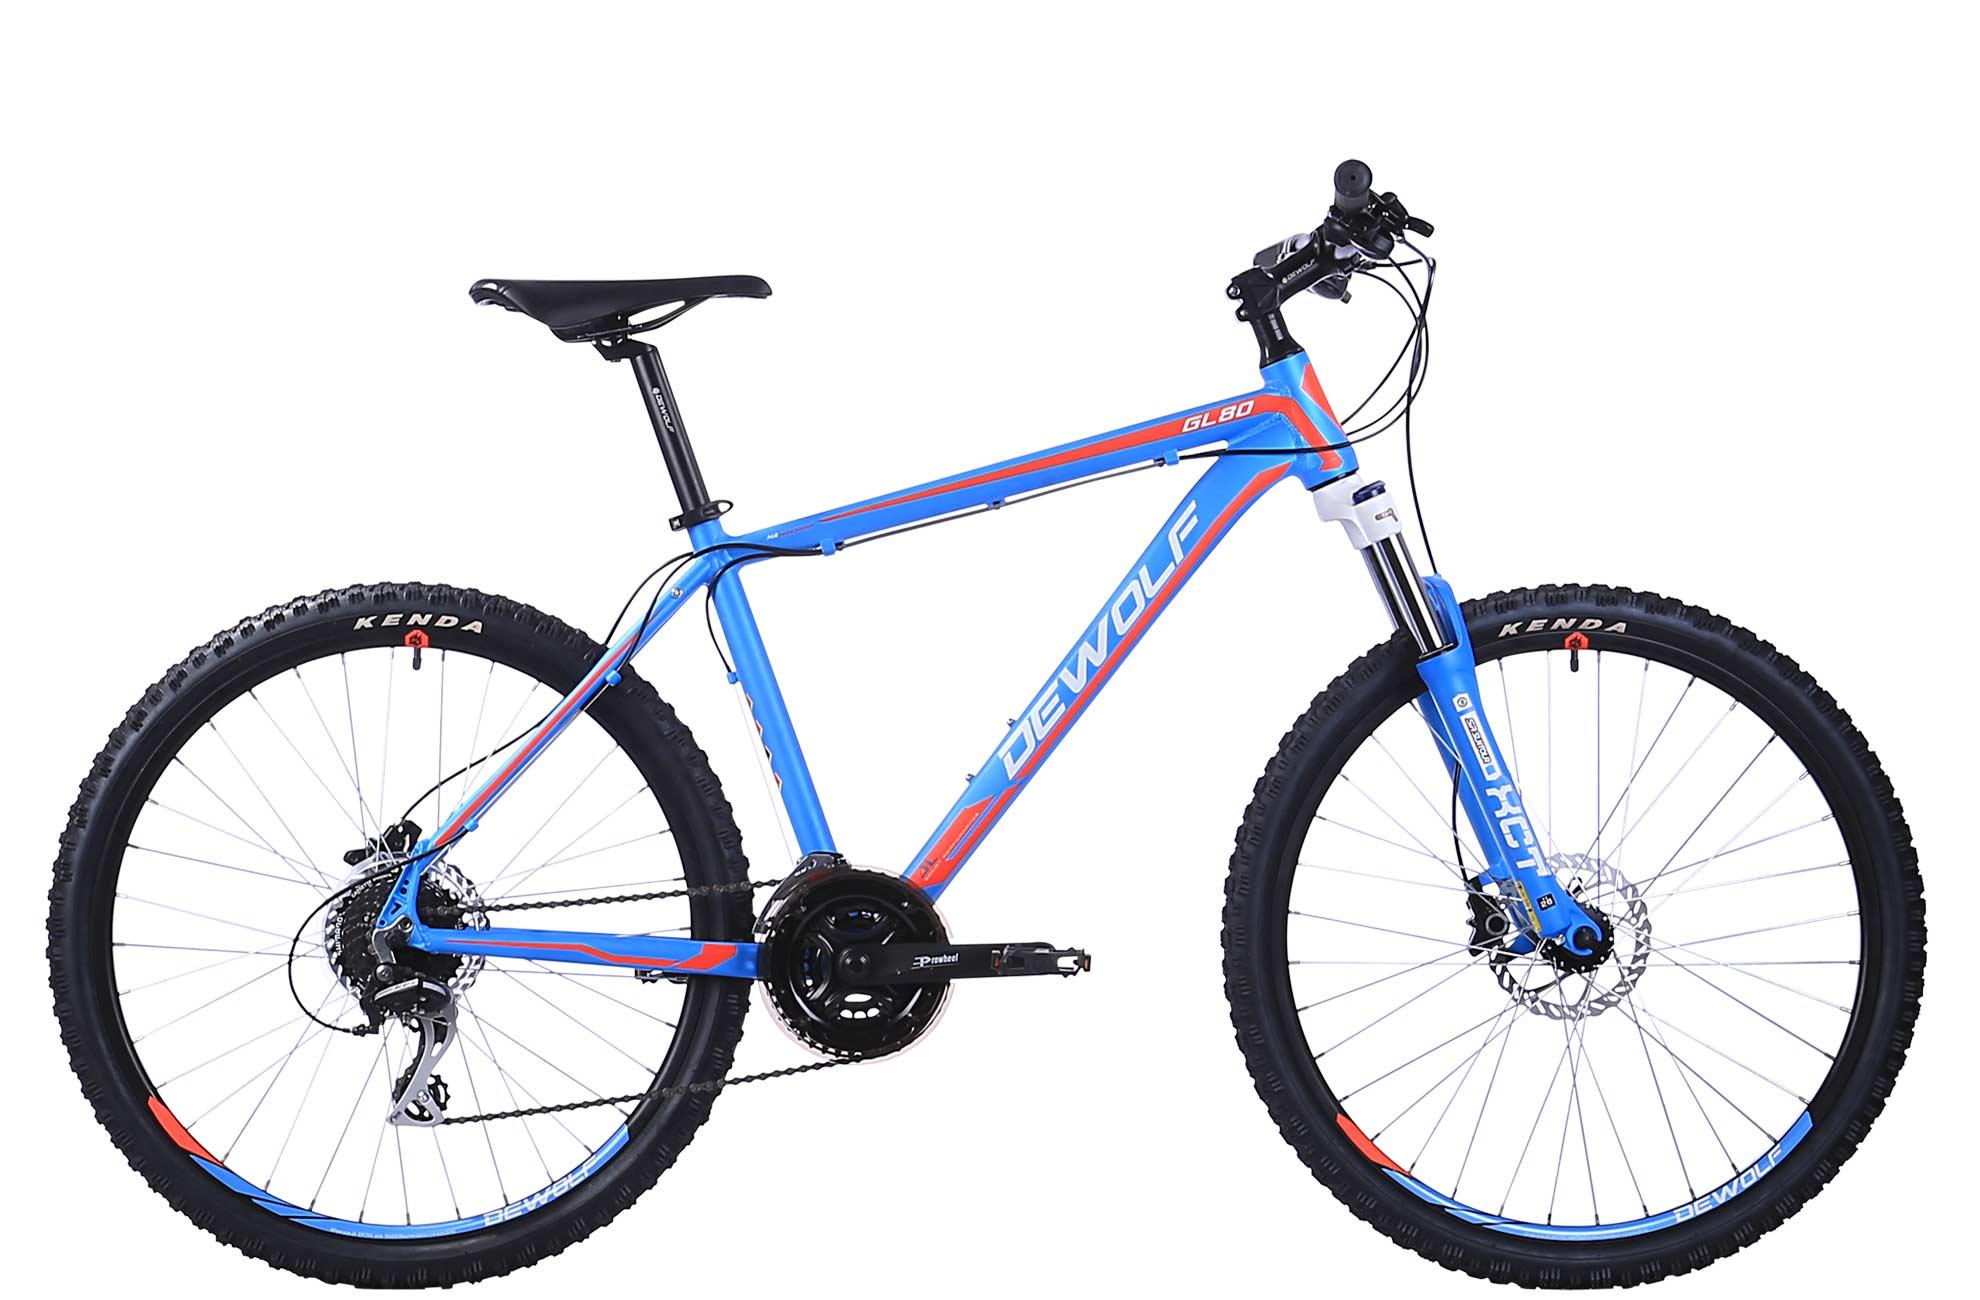 Горный велосипед DEWOLF GL 80 (2016), Цвет Голубой, Размер 20